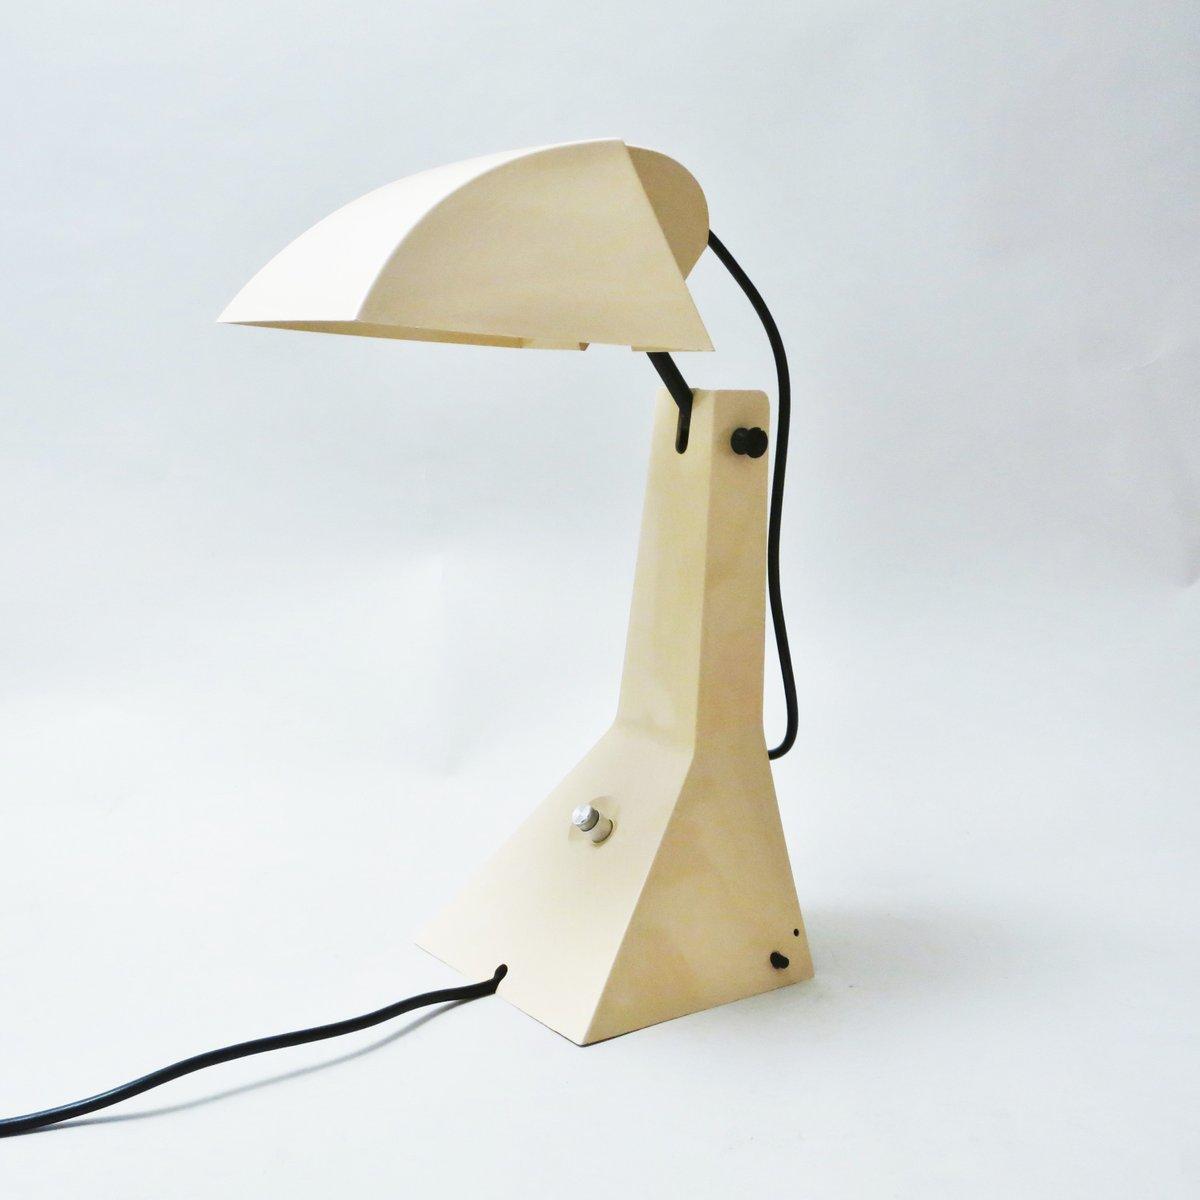 E63 Tischlampe von Umberto Riva für Bieffeplast, 1960er